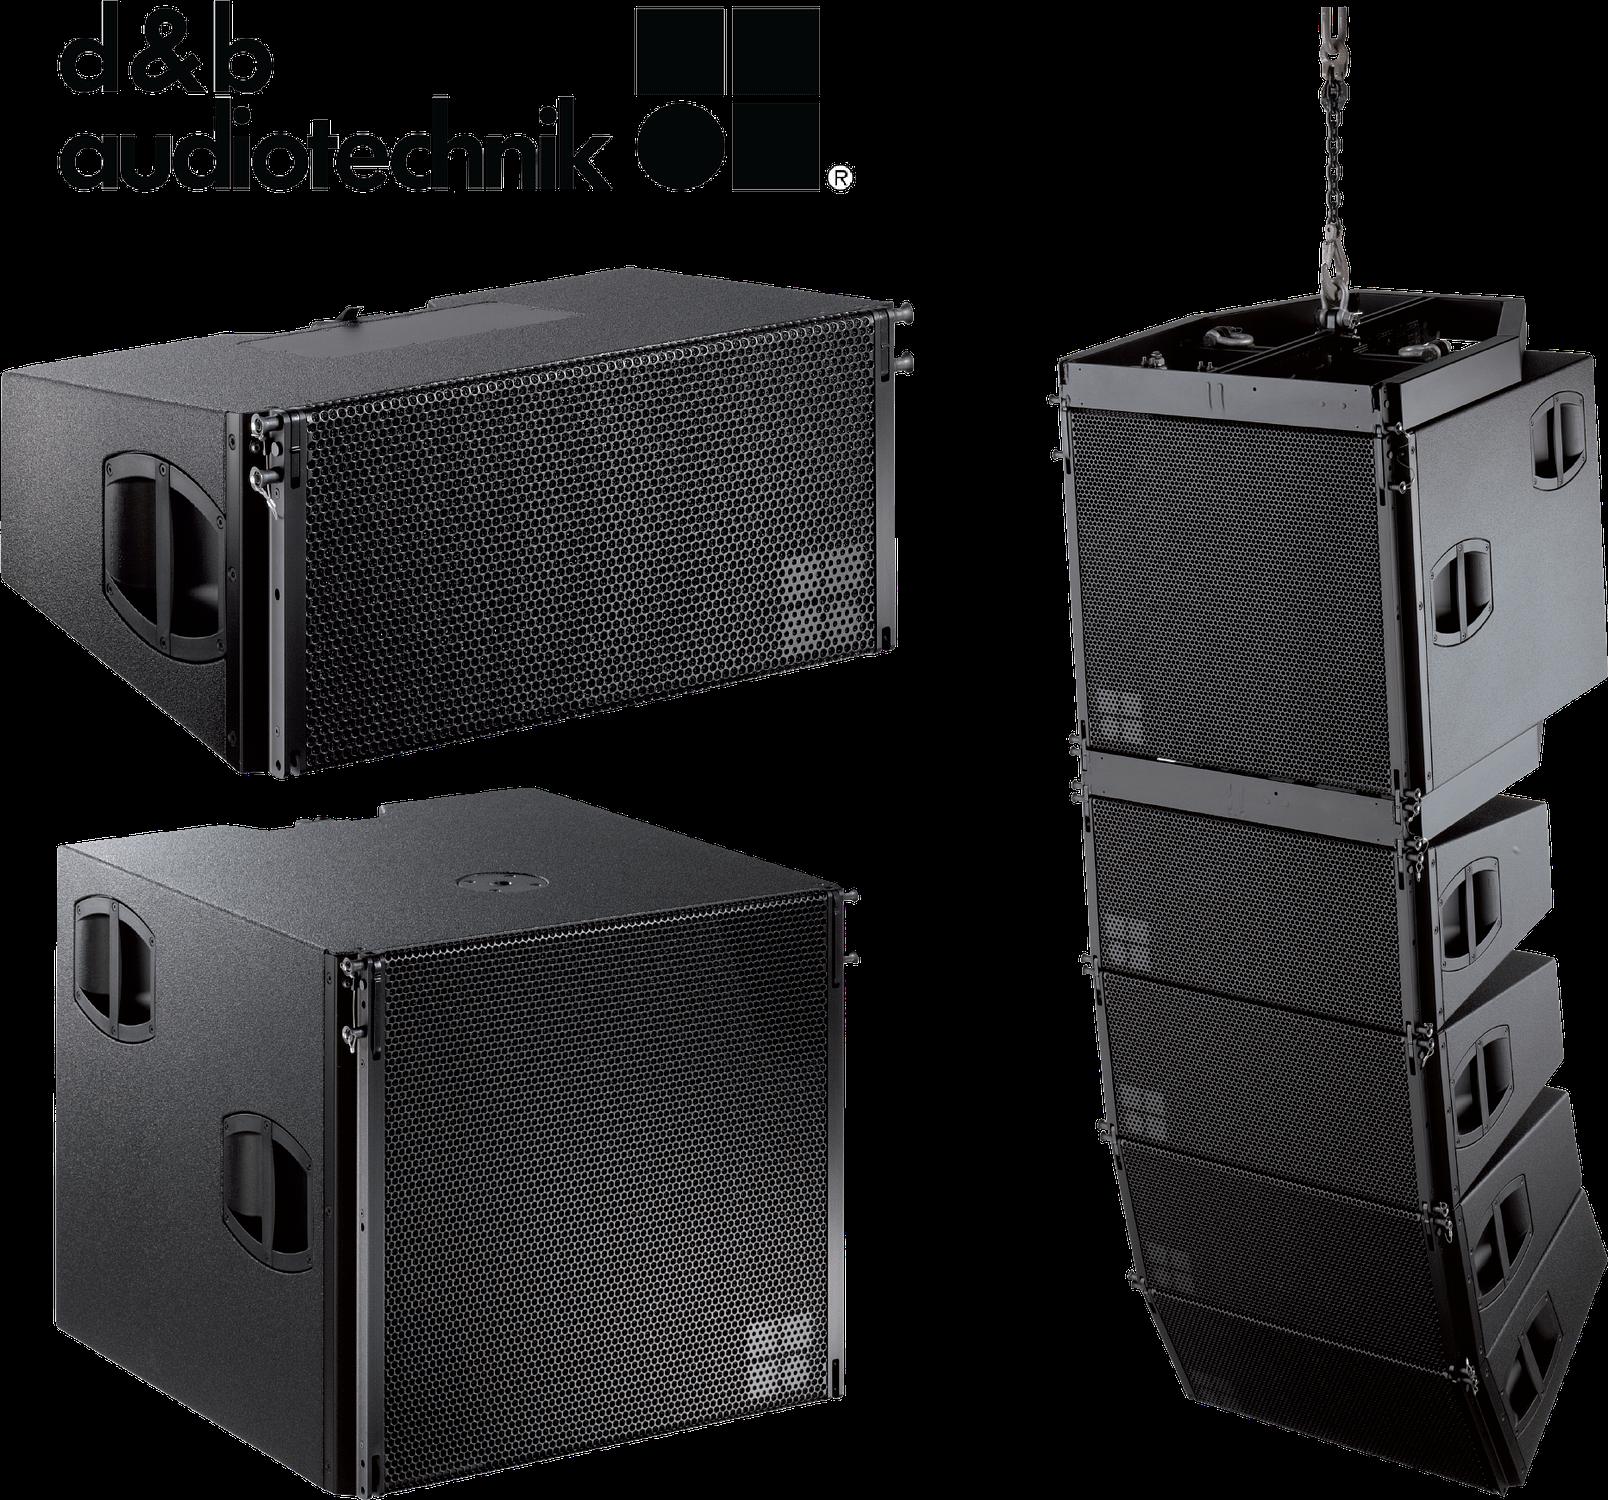 V-Series By D&B AudioTechnik